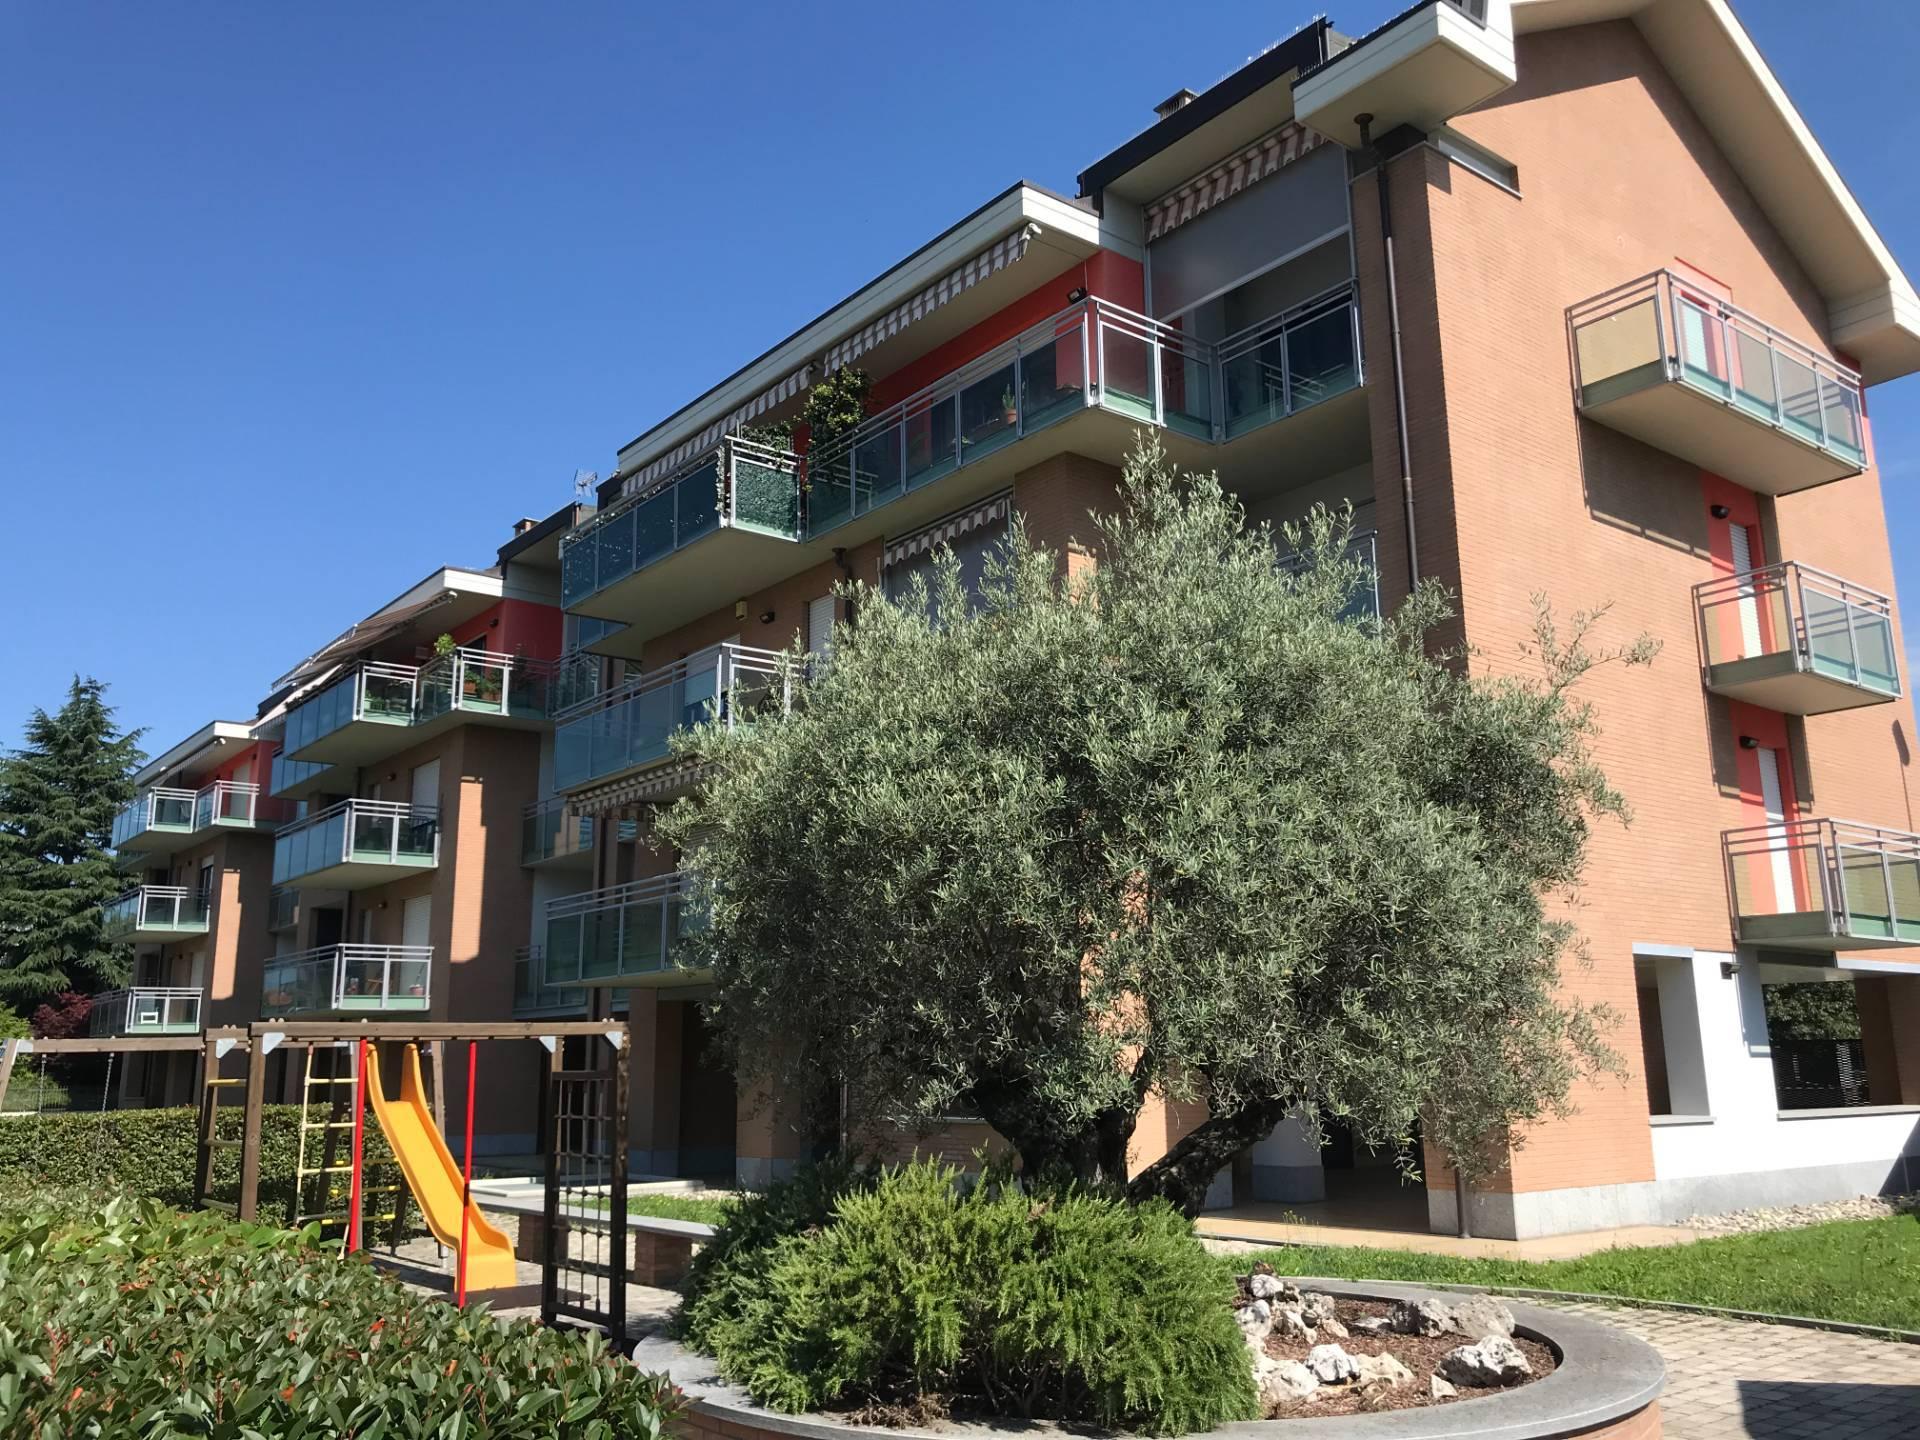 Appartamento in vendita a Grugliasco, 5 locali, prezzo € 375.000 | CambioCasa.it